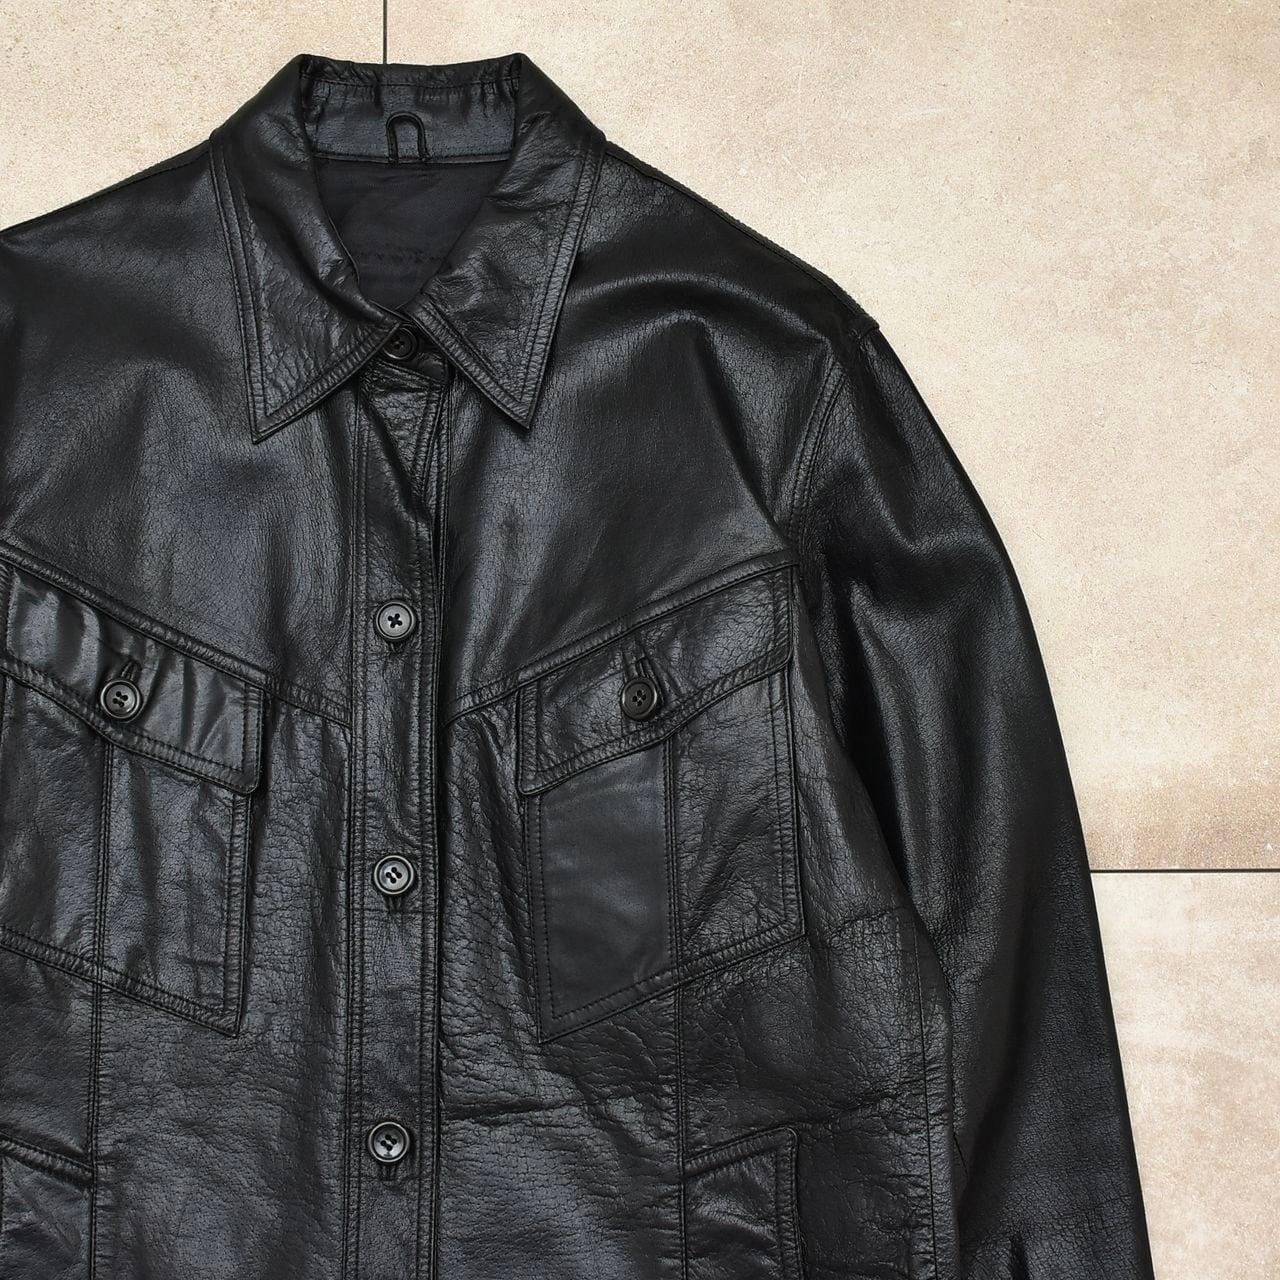 Luster coating black leather shirt jacket